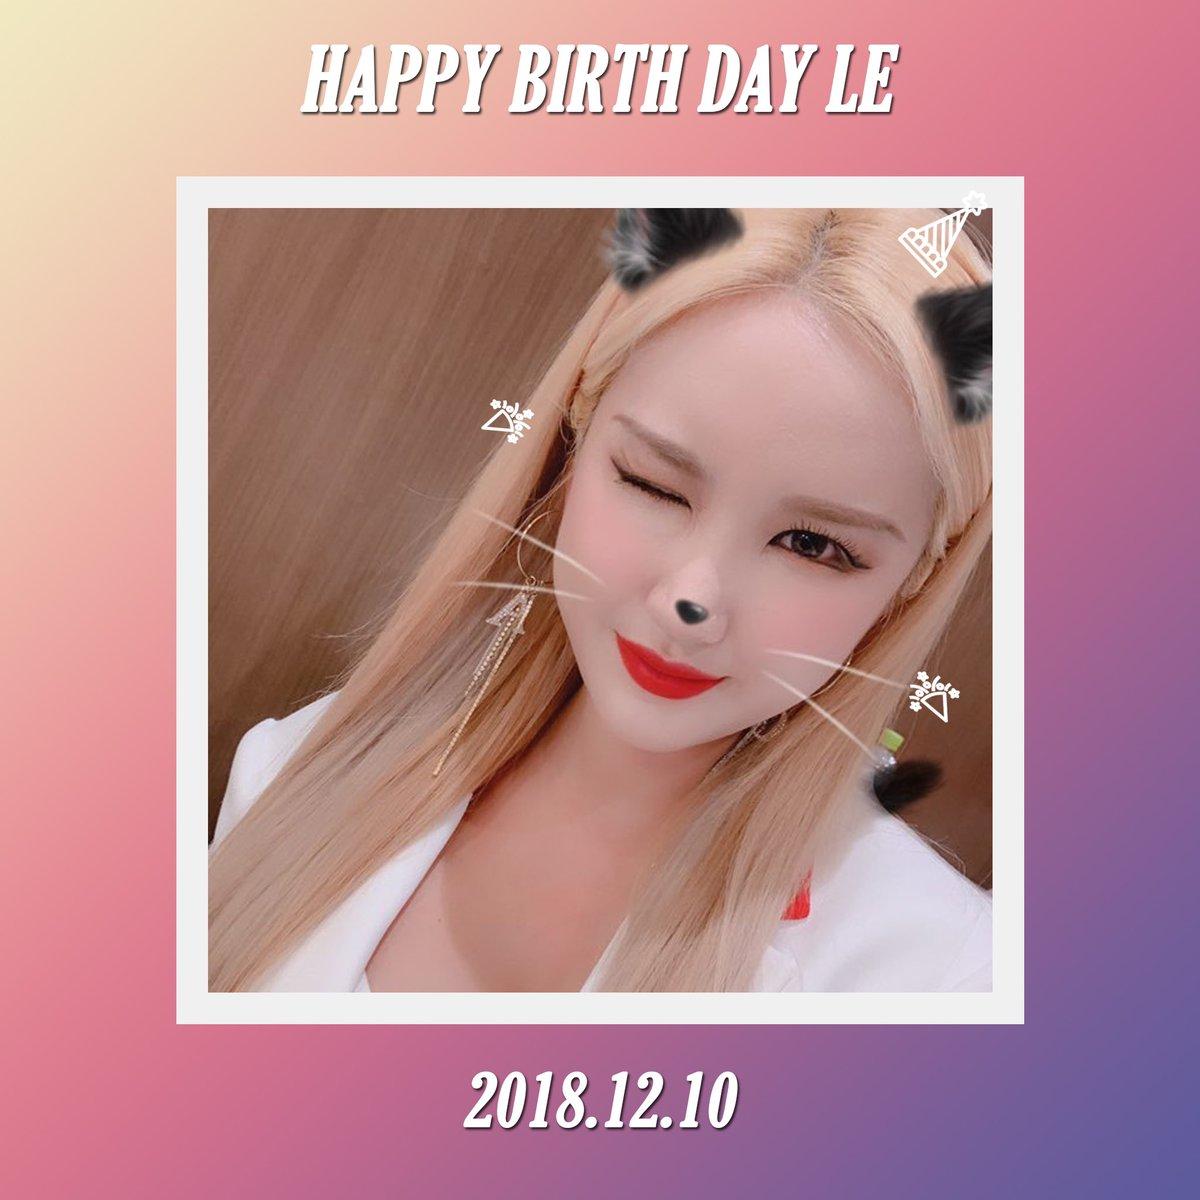 [#EXID] 18.12.10 오늘은 다재다능 완벽한 매력의 소유자 #LE 의 생일 입니다 😻 행복한 하루를 보낼 수 있도록 축하해 주세요 🎊 #효진아_생일축하해 #HAPPY_LE_DAY